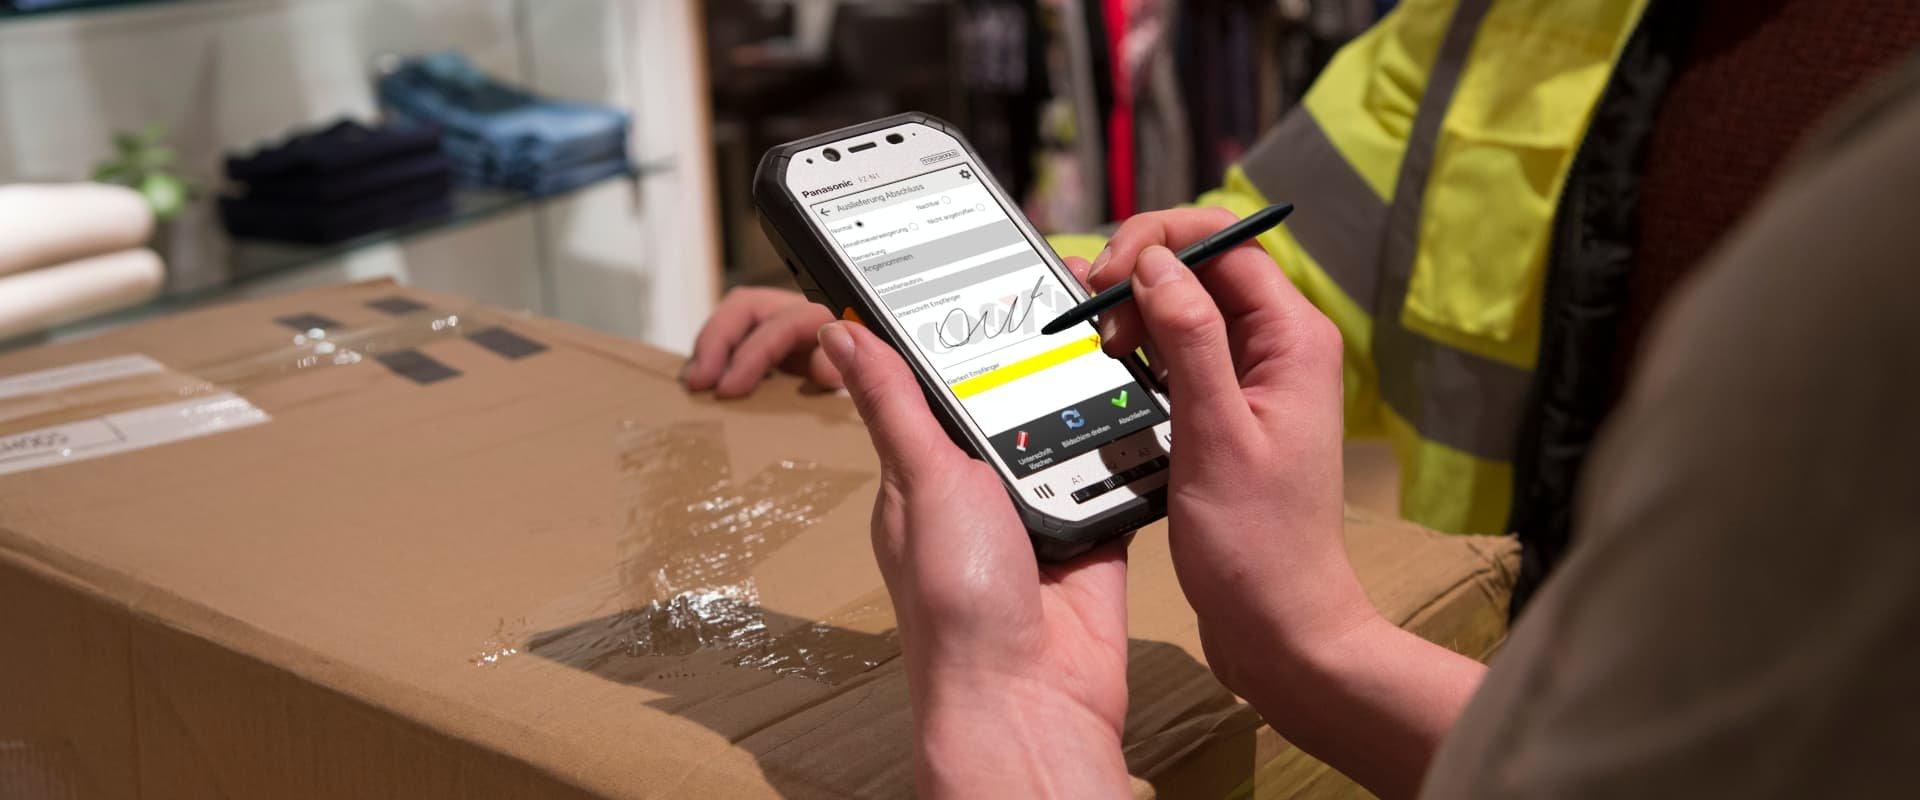 Digitale Sendungsverfolgung für Paketshops